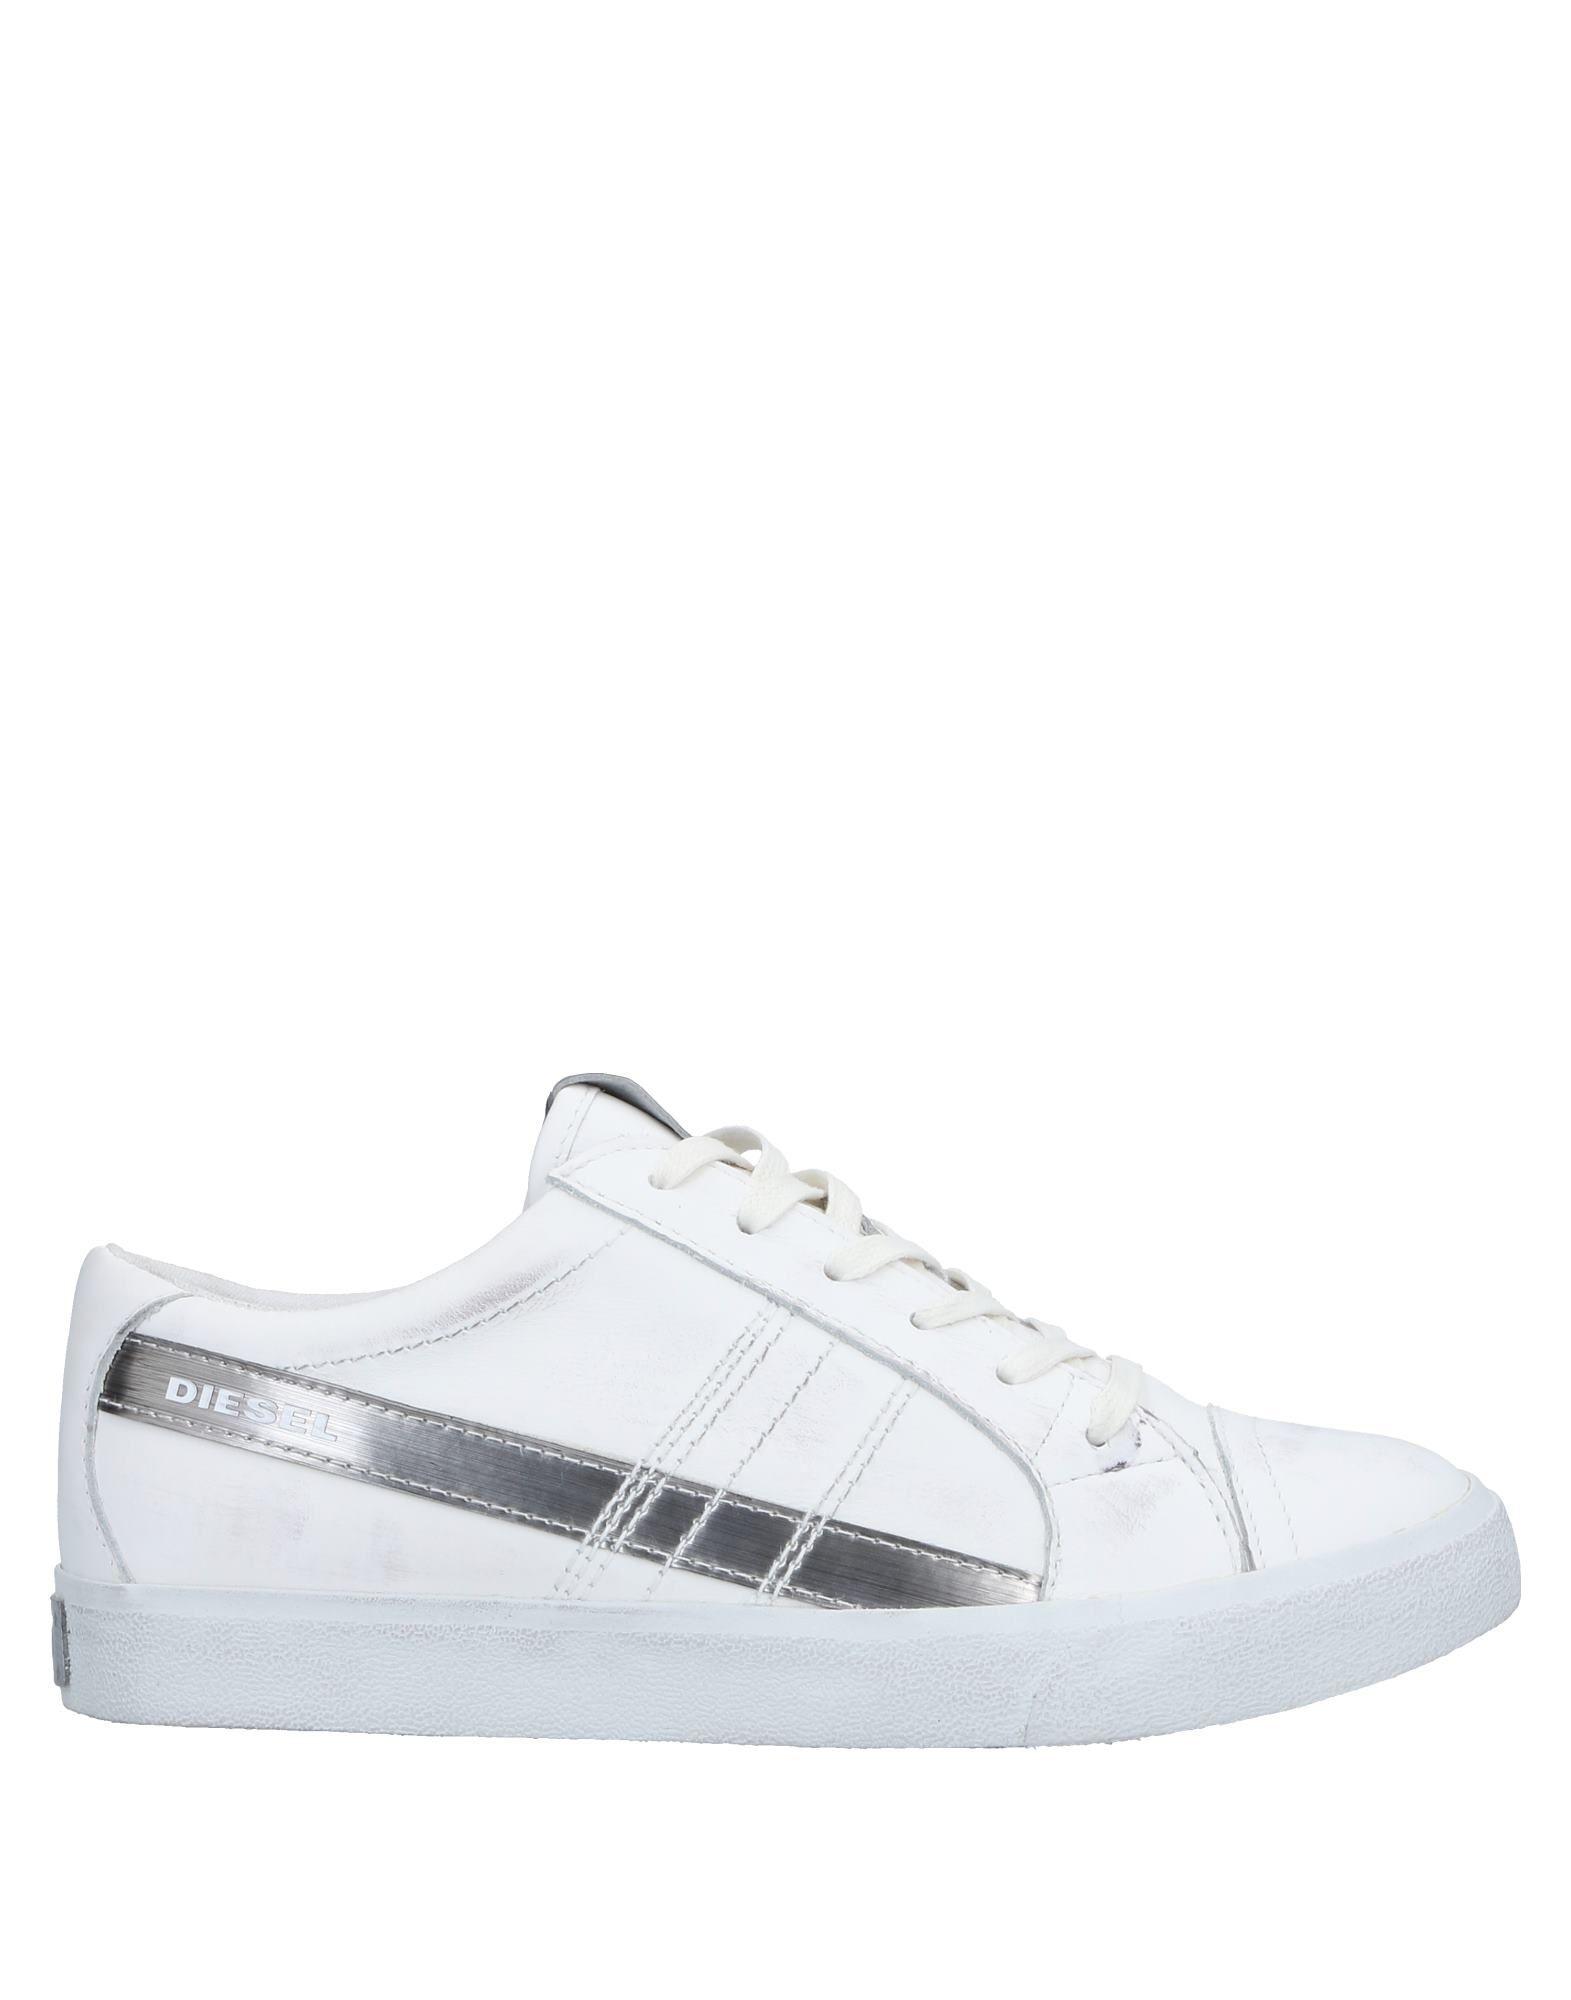 Sneakers Diesel Donna - 11535722EJ Scarpe economiche e buone